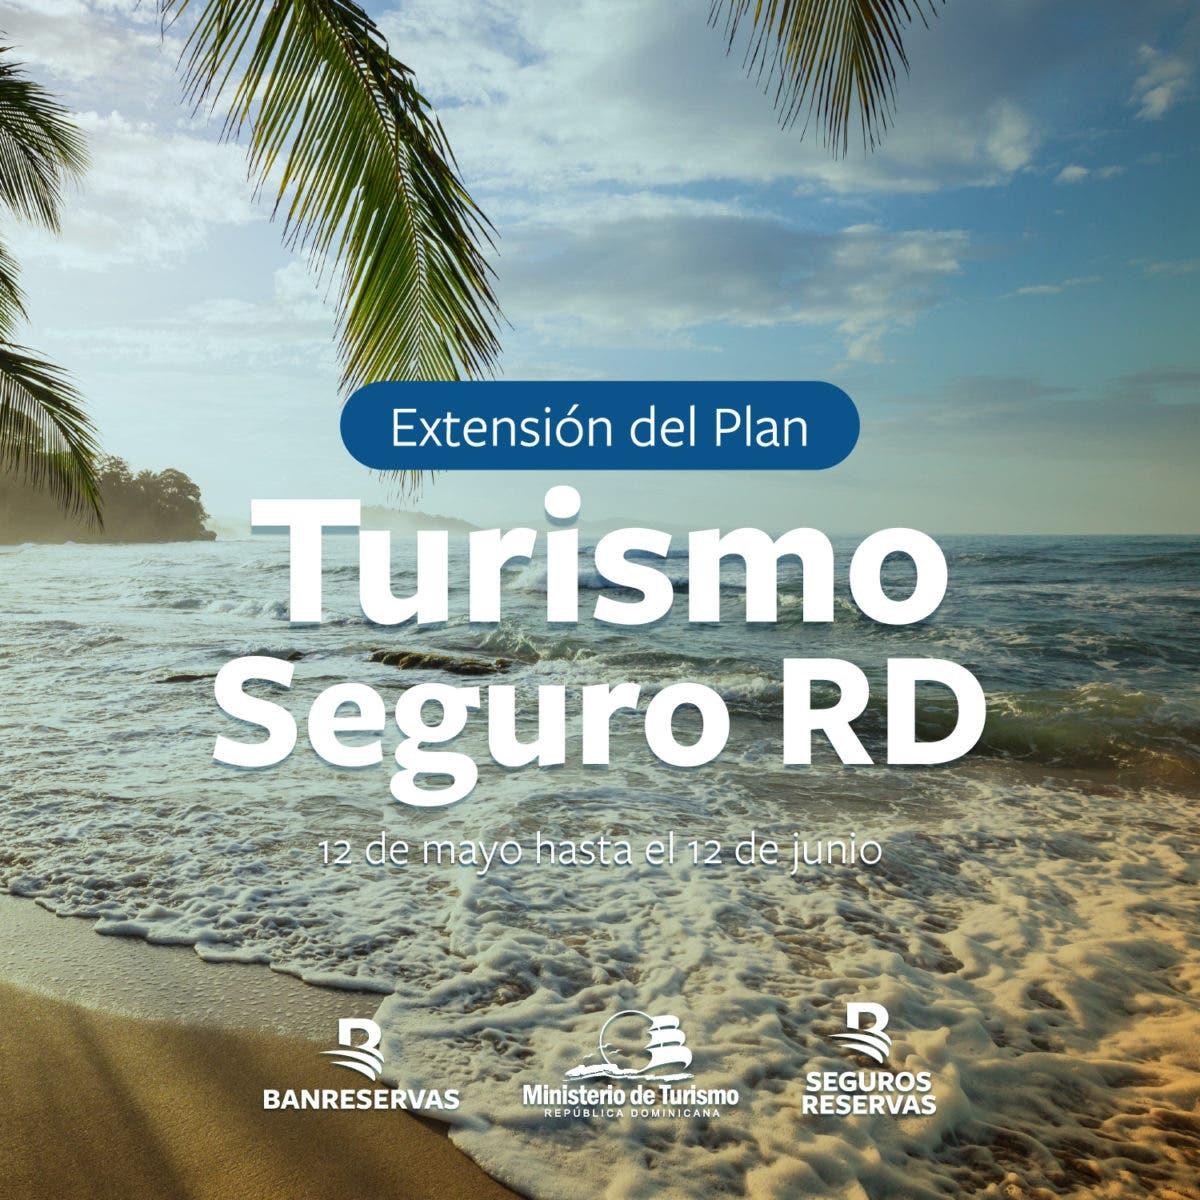 Continúa extensión del Plan Turismo Seguro RD